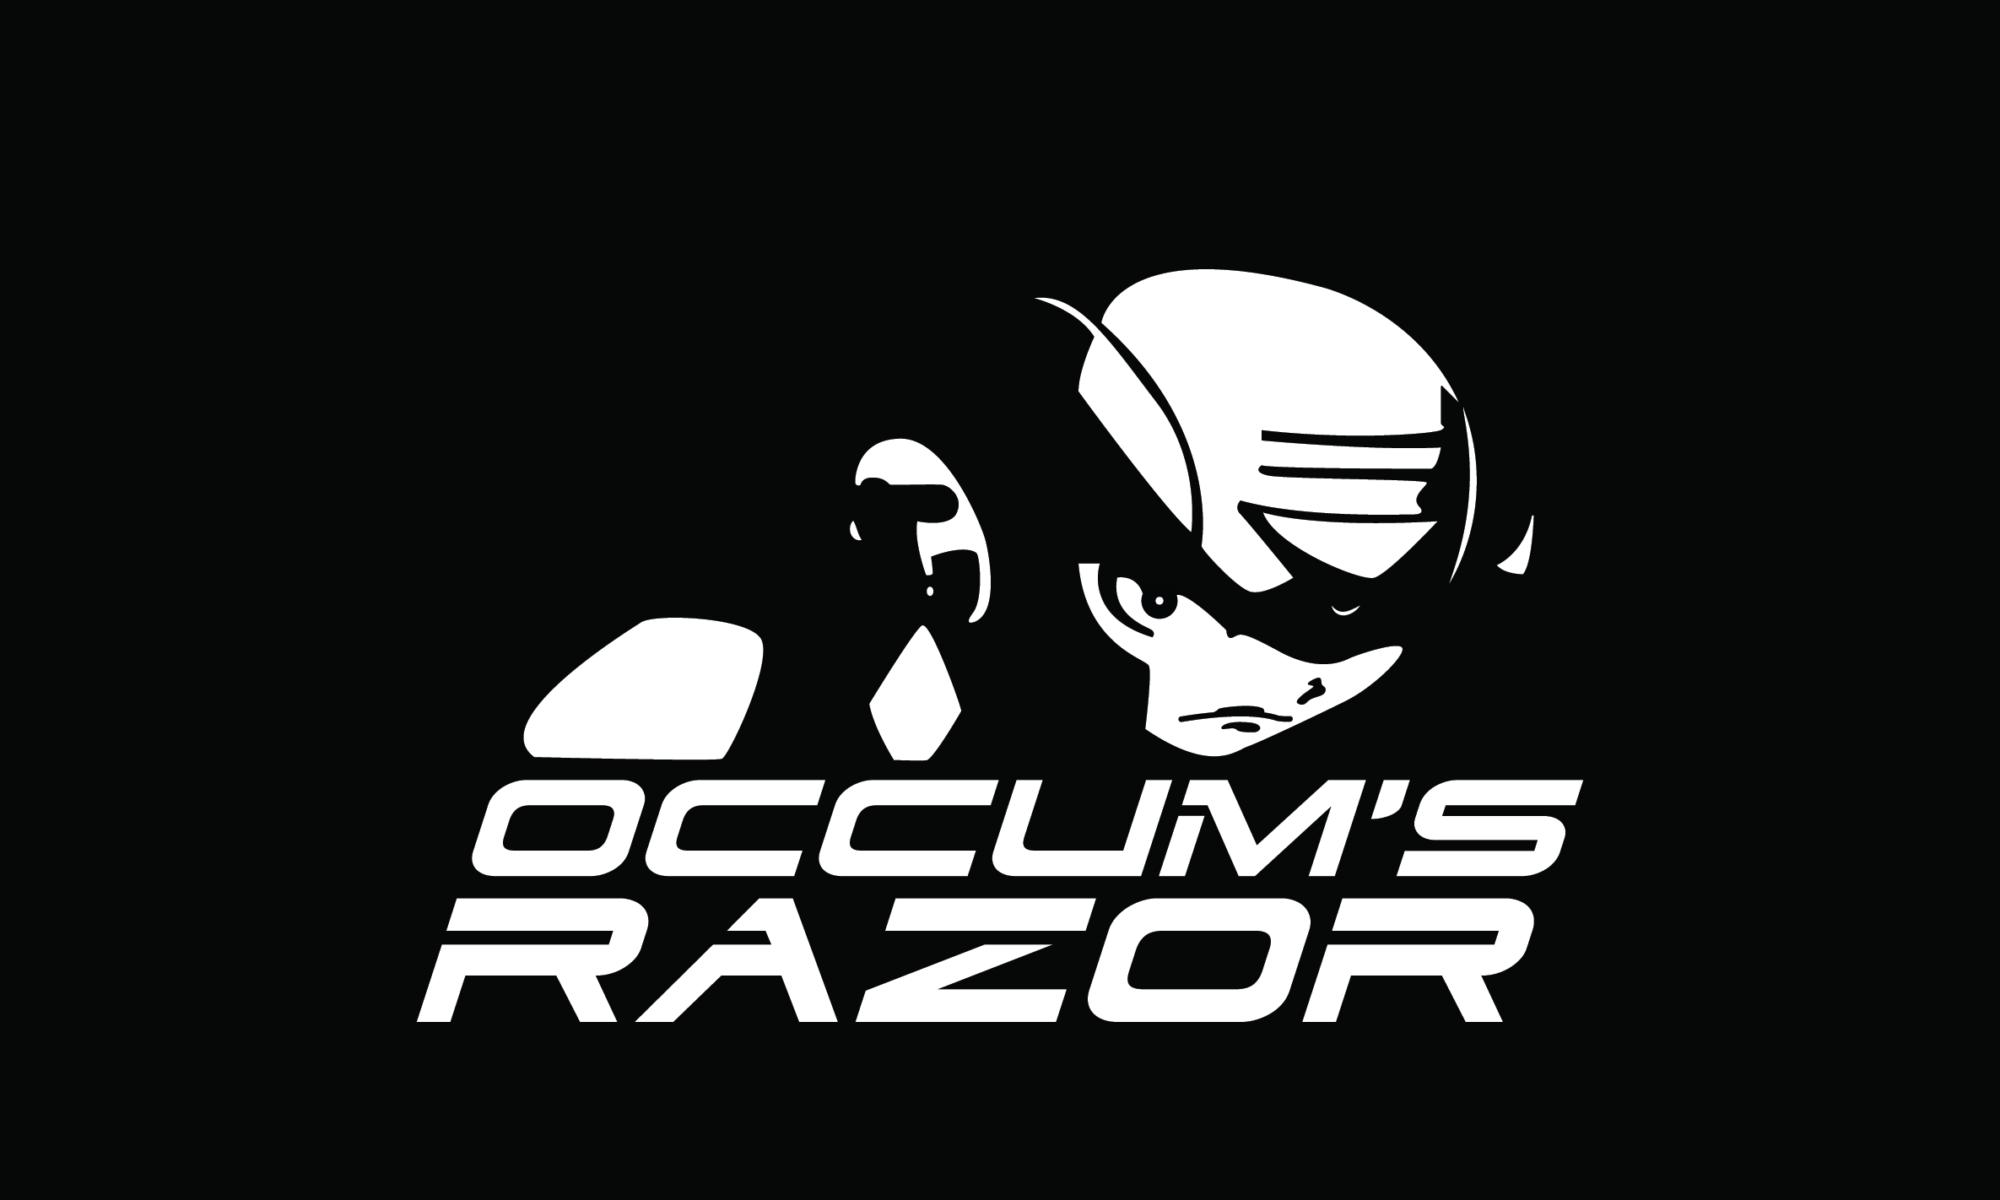 Occum's Razor